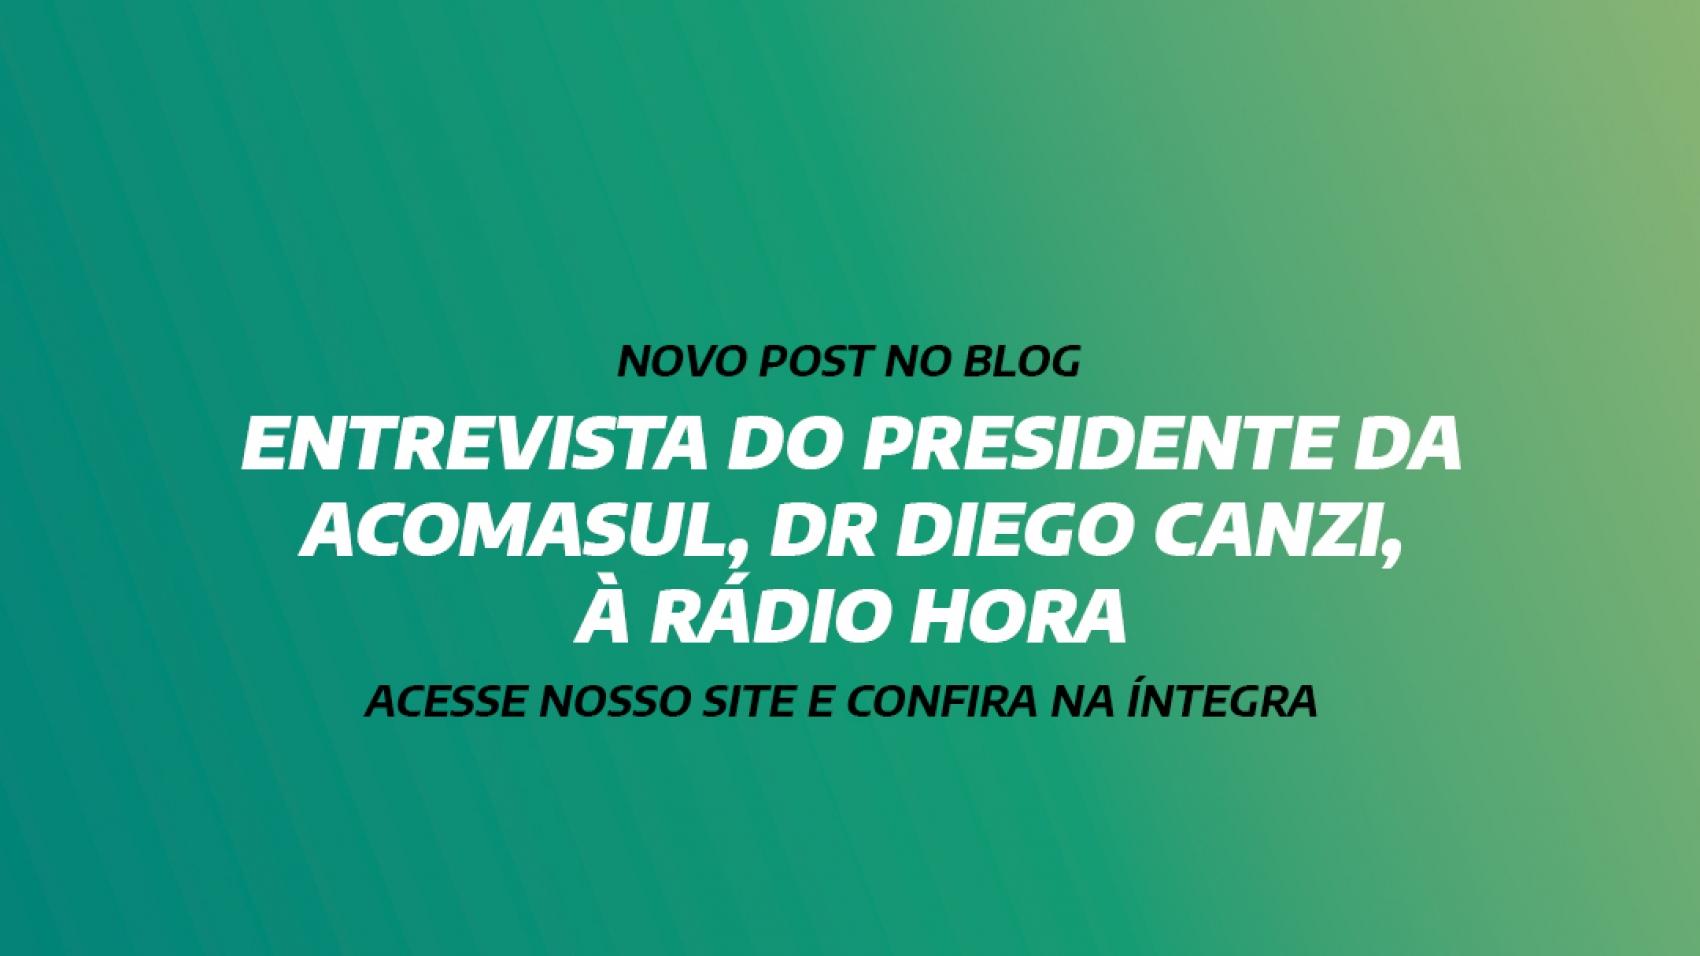 ENTREVISTA DO PRESIDENTE DA ACOMASUL, DR DIEGO CANZI, À RÁDIO HORA